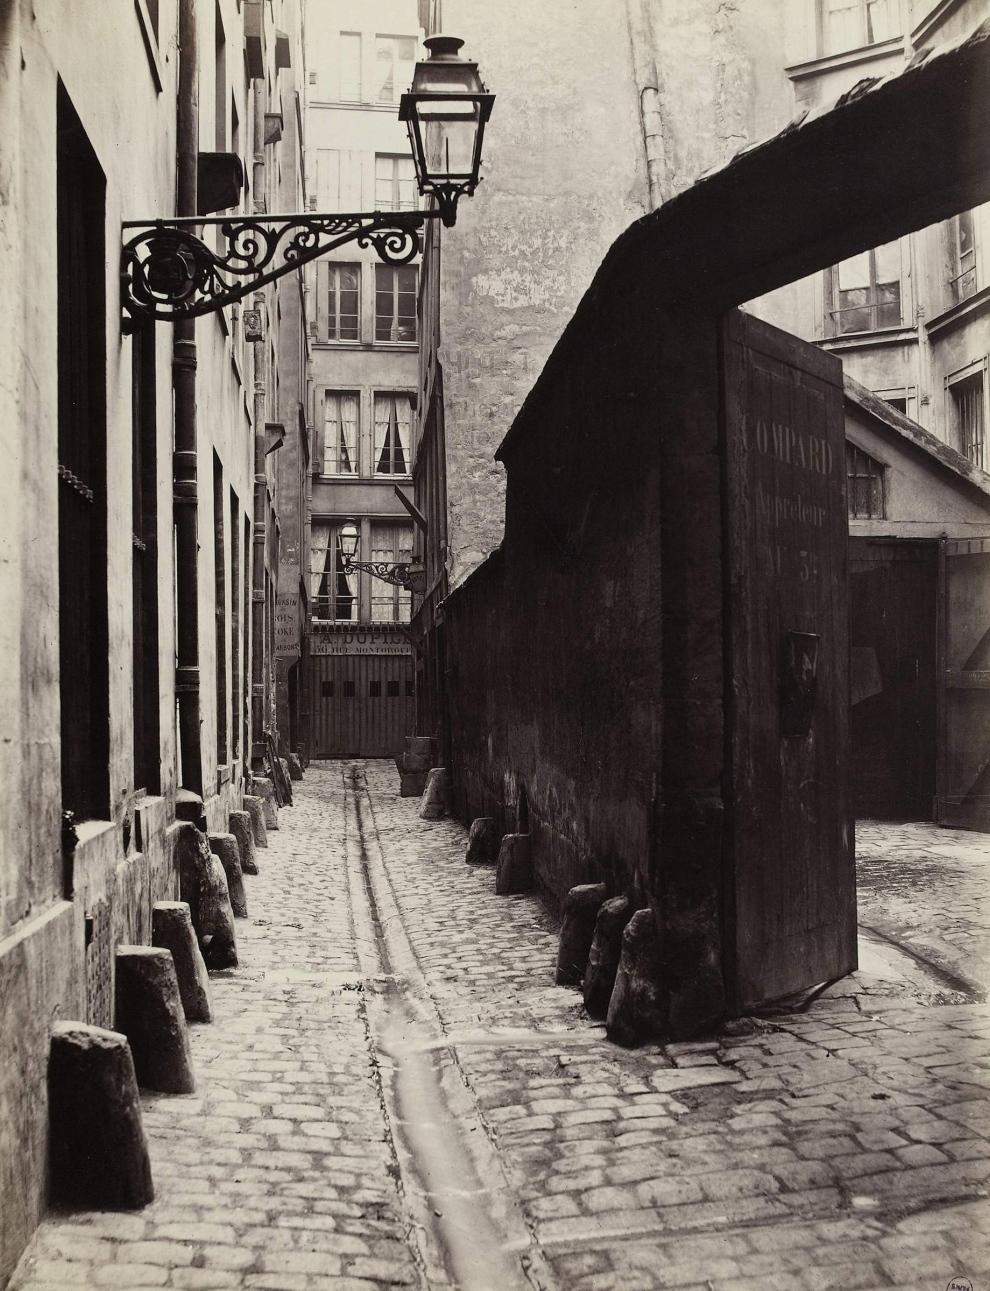 Impasse de la Bouteille, vue prise de la rue Montorgueil. Paris (IIËme arr.), 1865-1868. Photographie de Charles Marville (1816-1879). Paris, musÈe Carnavalet. Dimensions : 35,90 X 27,70 cm Dimensions de la vue